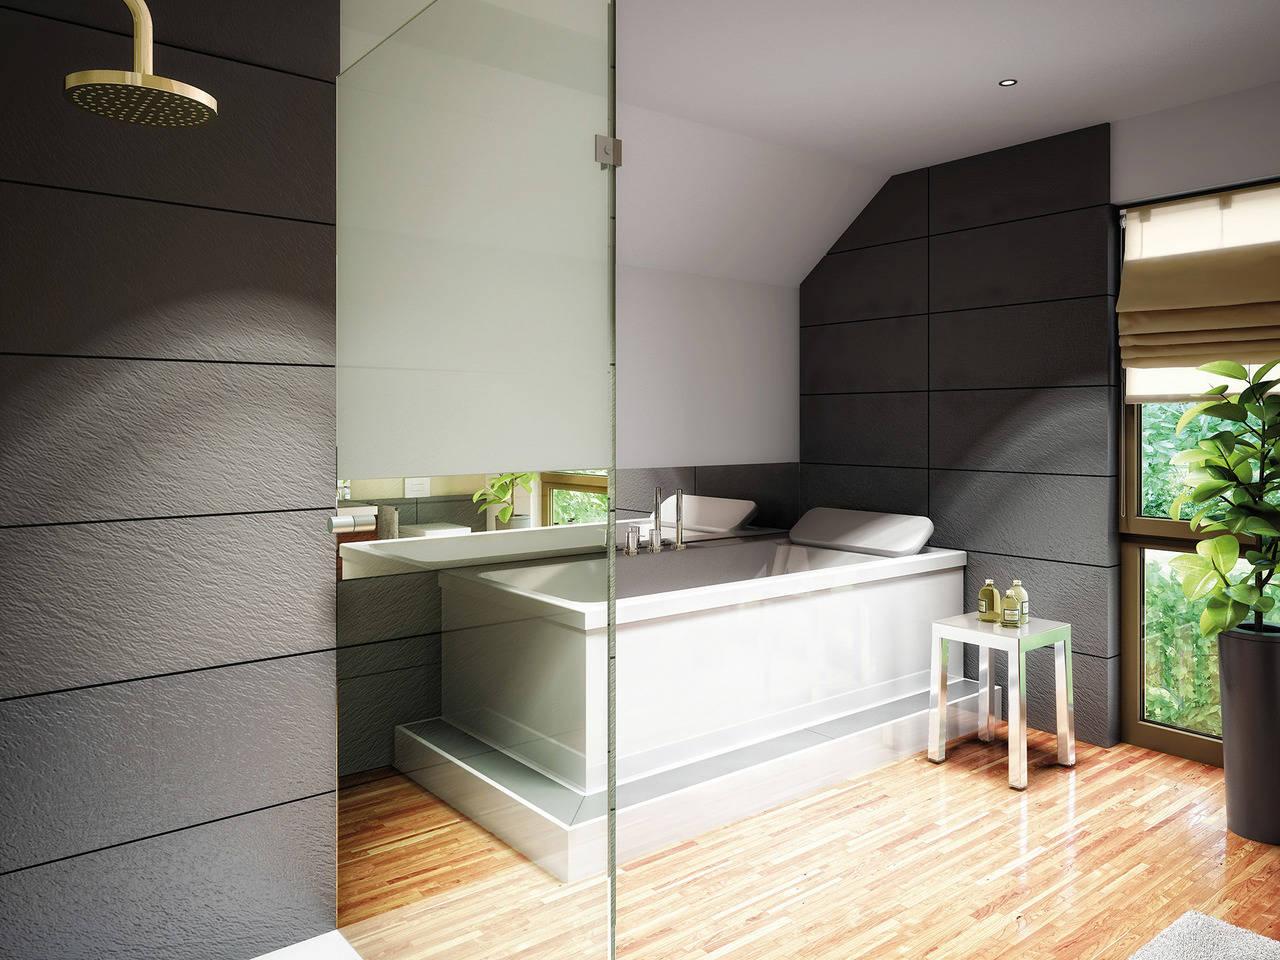 Haus SOLUTION 151 V10 Badezimmer von Living Haus